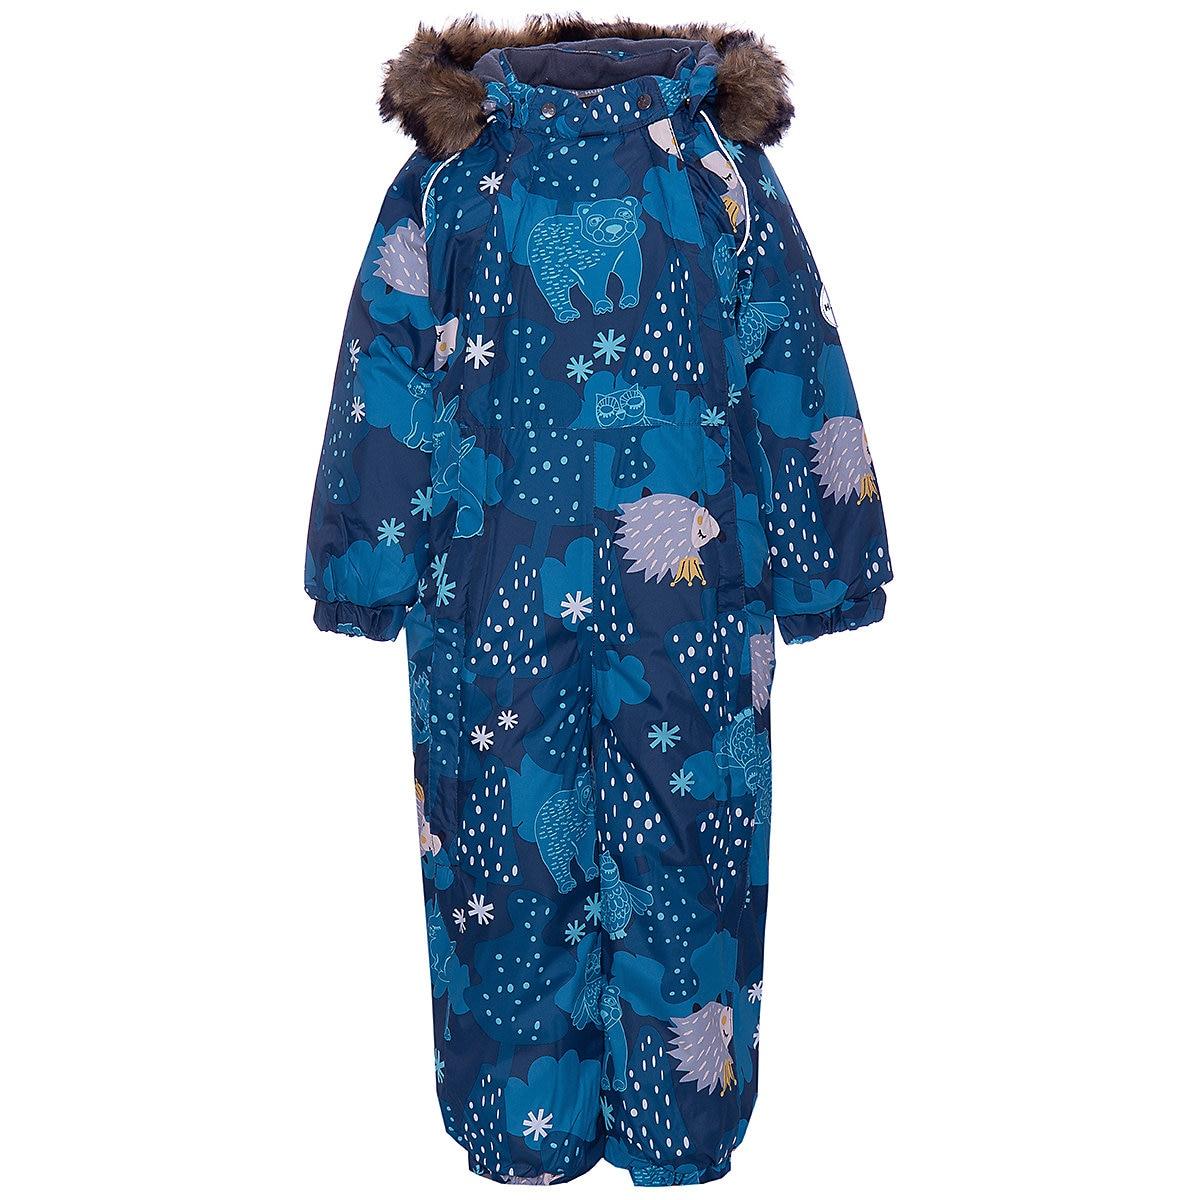 HUPPA para meninos e meninas 8959205 Do Bebê Rompers Jumpsuit macacões Crianças roupa Dos Miúdos